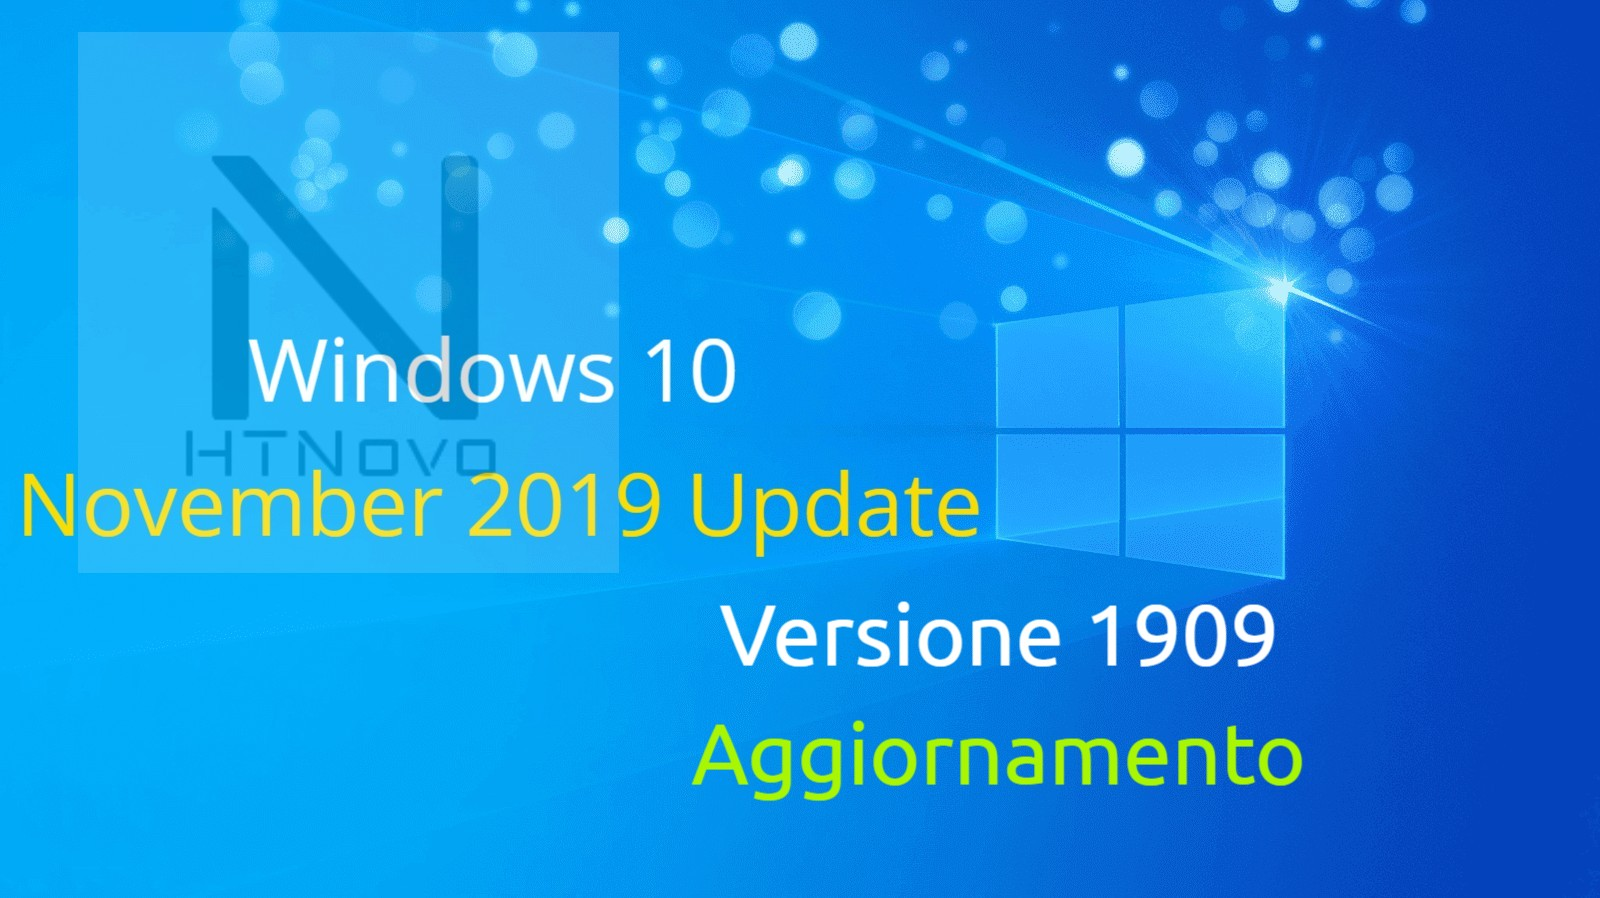 Aggiornamento cumulativo per Windows 10 Versione 1909 - Build 18363.